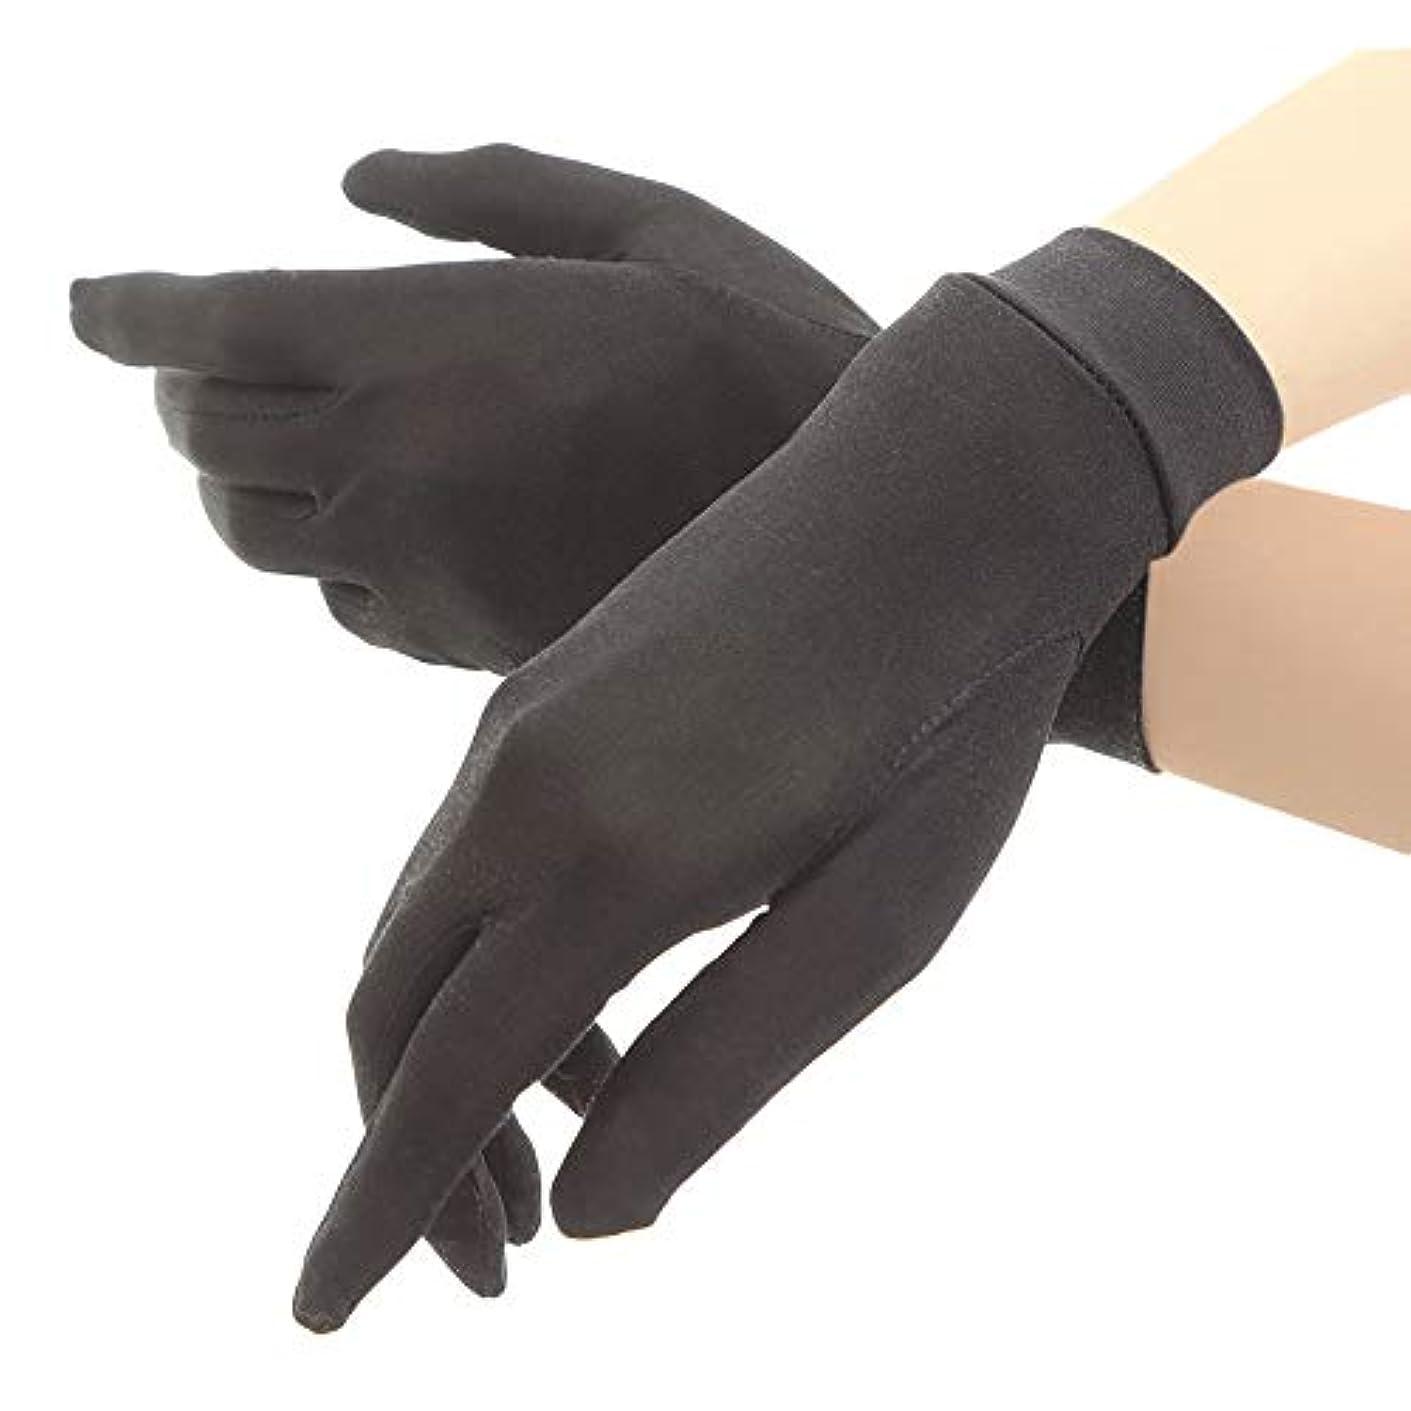 不快ルール目指すシルク手袋 レディース 手袋 シルク 絹 ハンド ケア 保湿 紫外線 肌荒れ 乾燥 サイズアップで手指にマッチ 【macch】